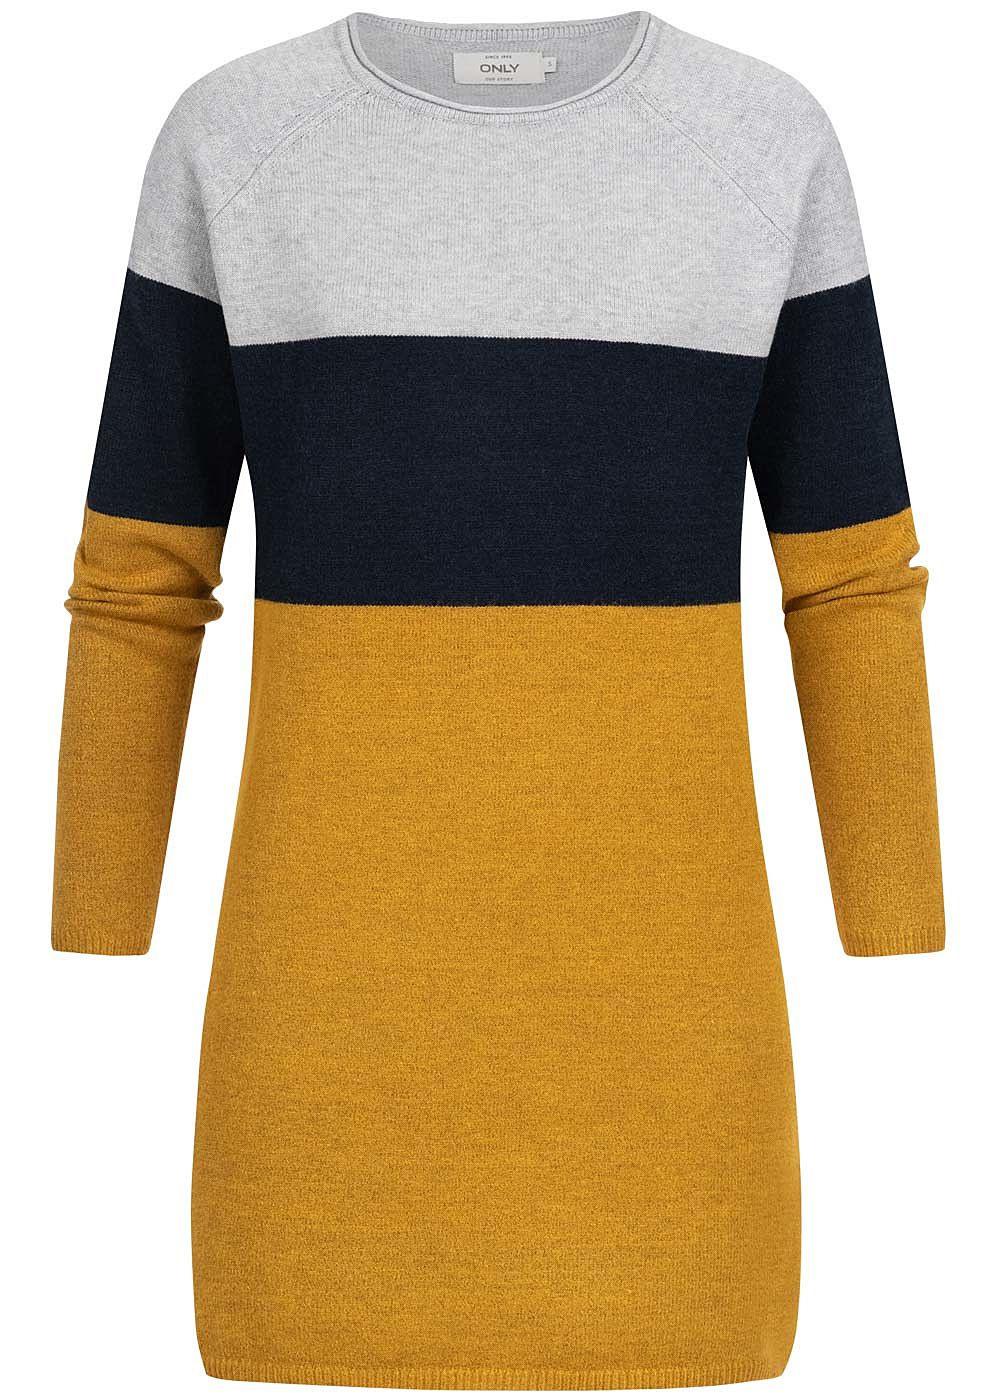 20 Einfach Kleid Blau Gelb Vertrieb13 Top Kleid Blau Gelb Design